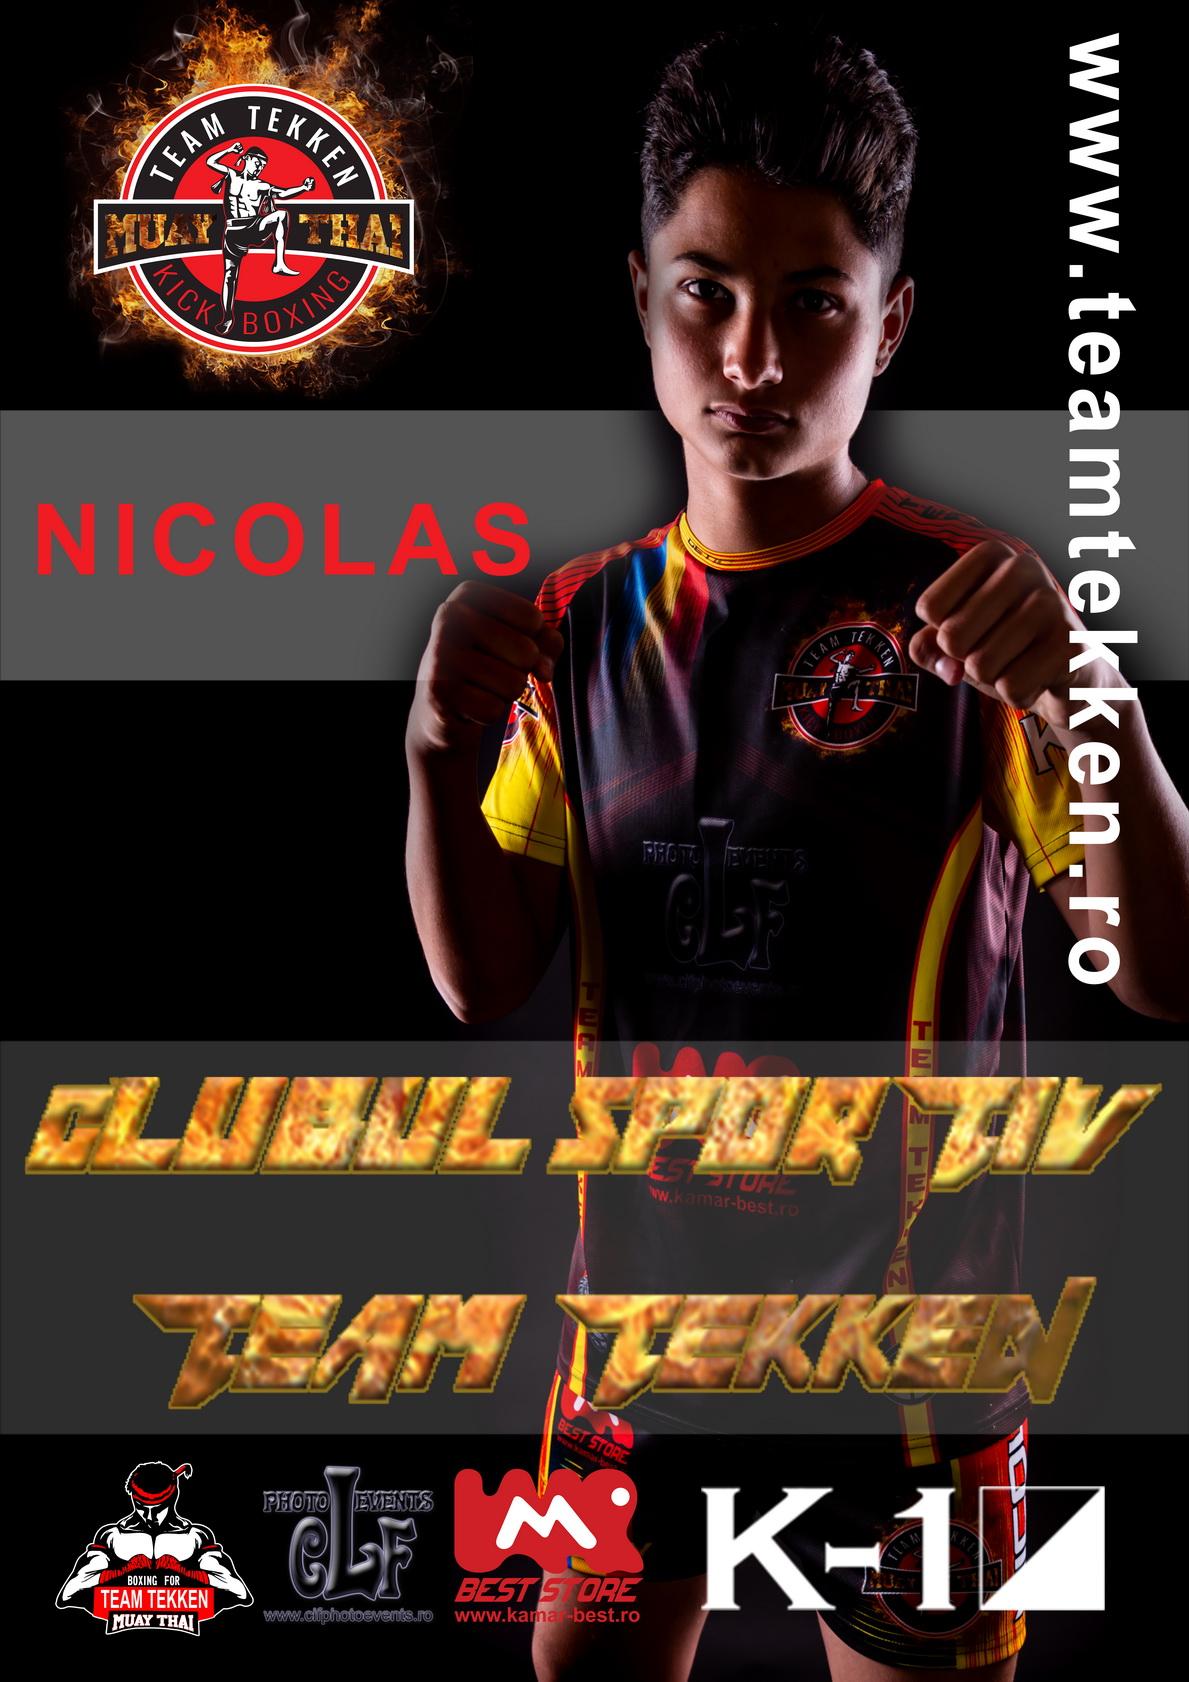 portofoilu 2 CLUB POSTER 5 Nicolas